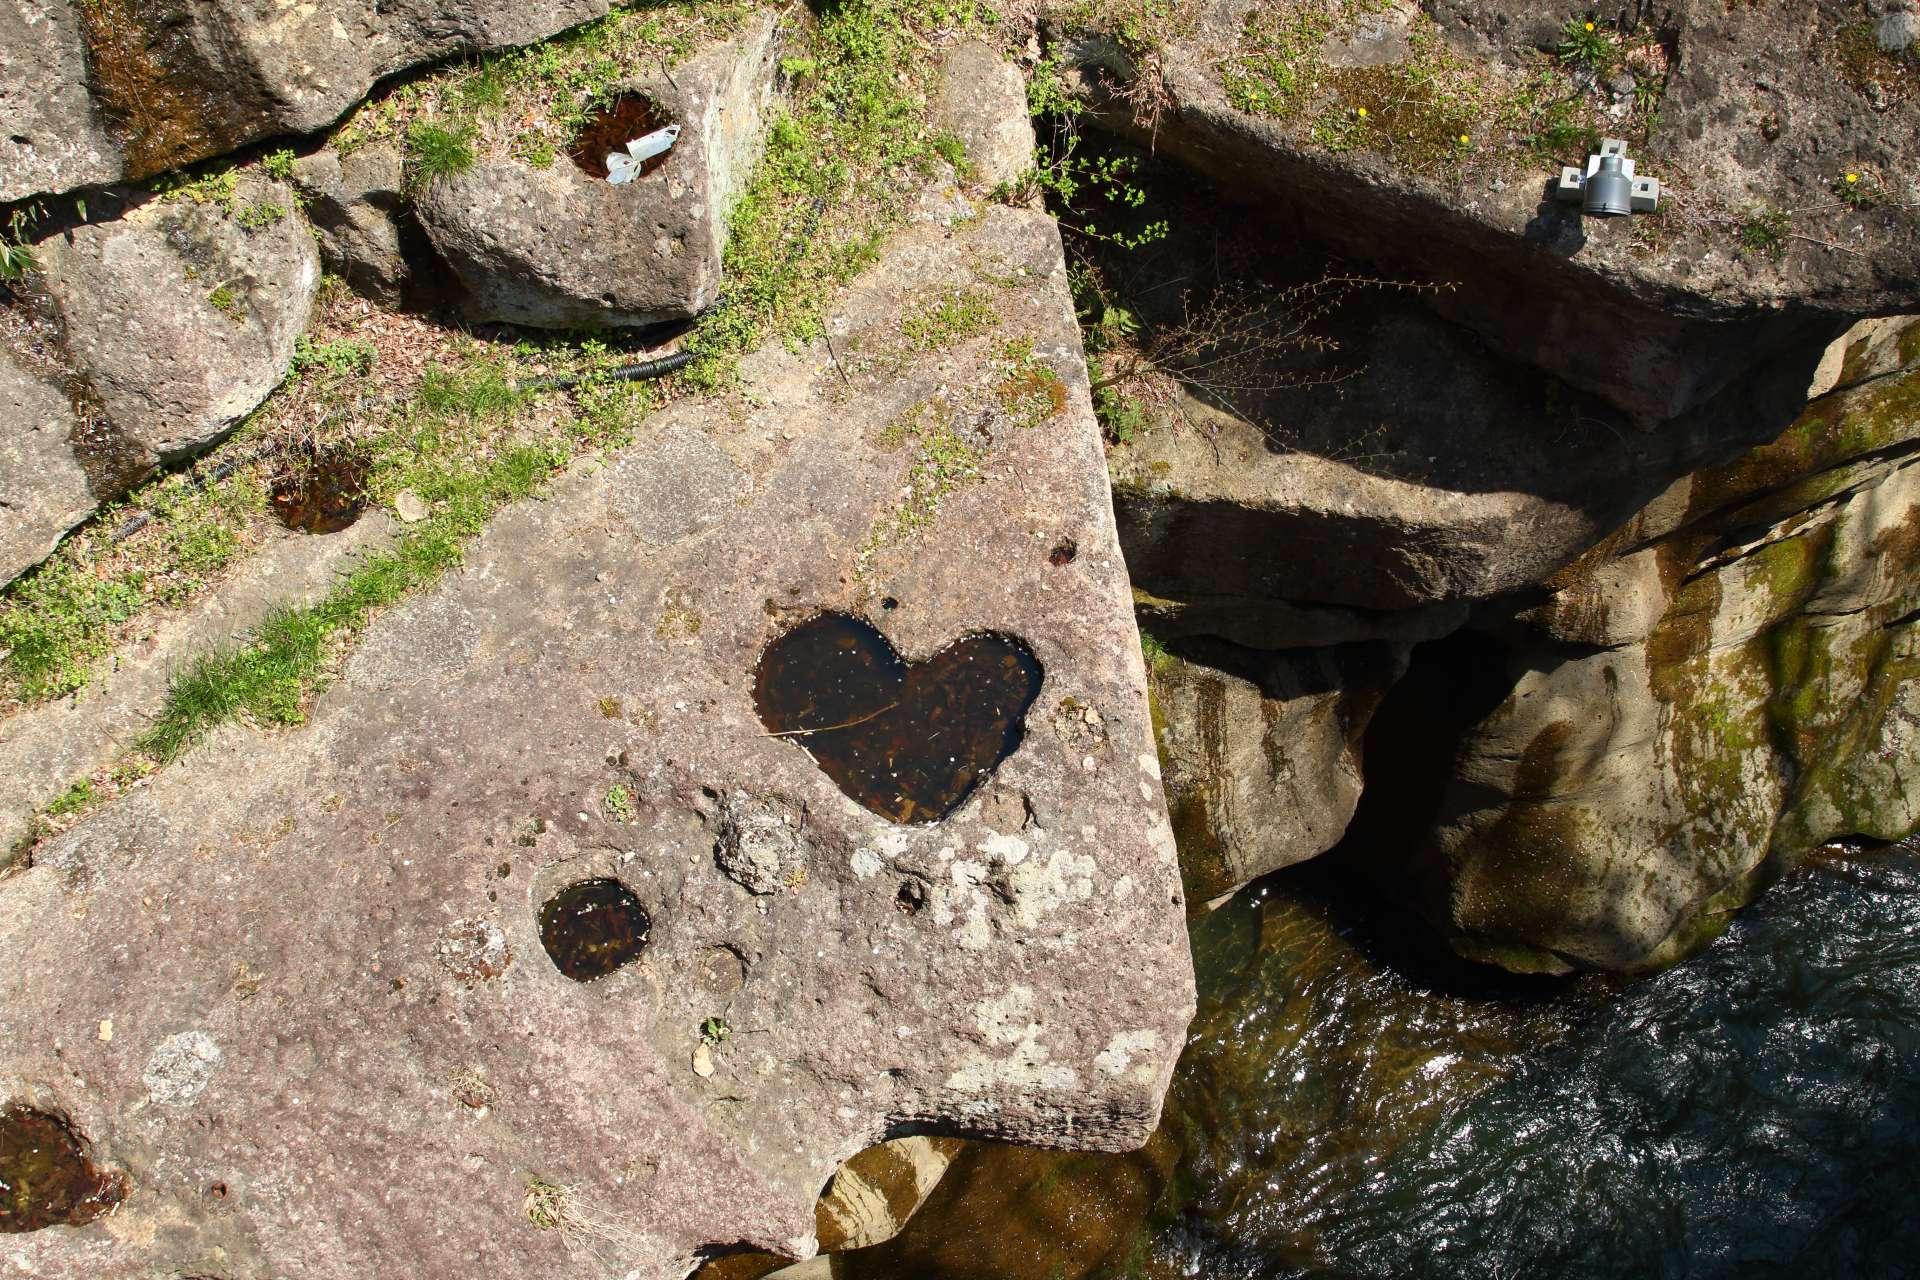 戀愛能量景點,「窺橋」石塊上凹陷下去的心形圖樣